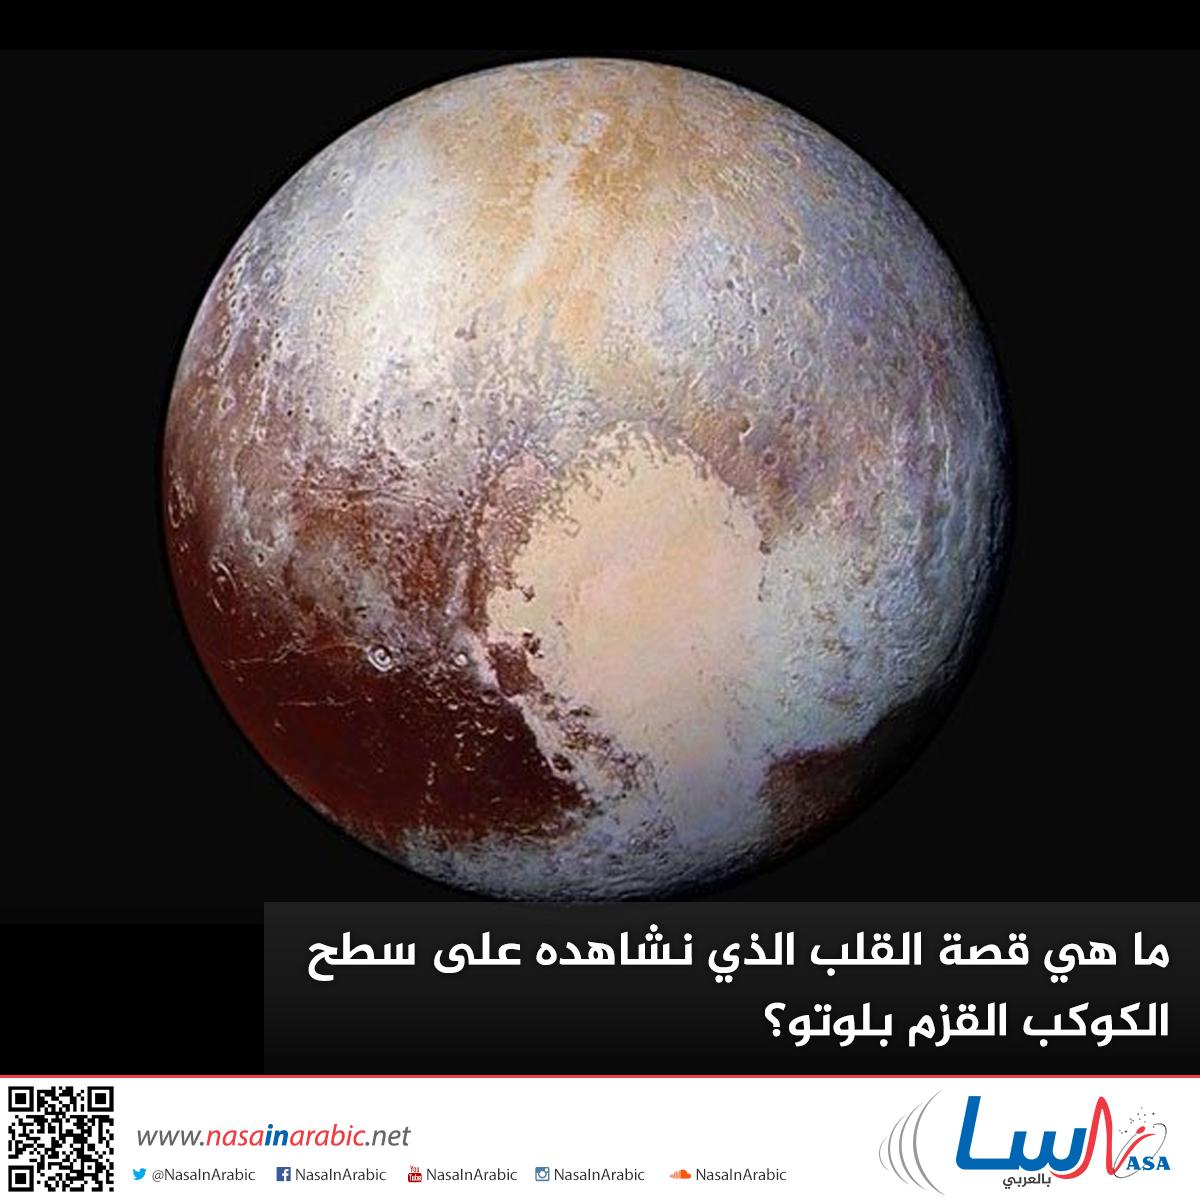 ما هي قصة القلب الذي نشاهده على سطح الكوكب القزم بلوتو؟